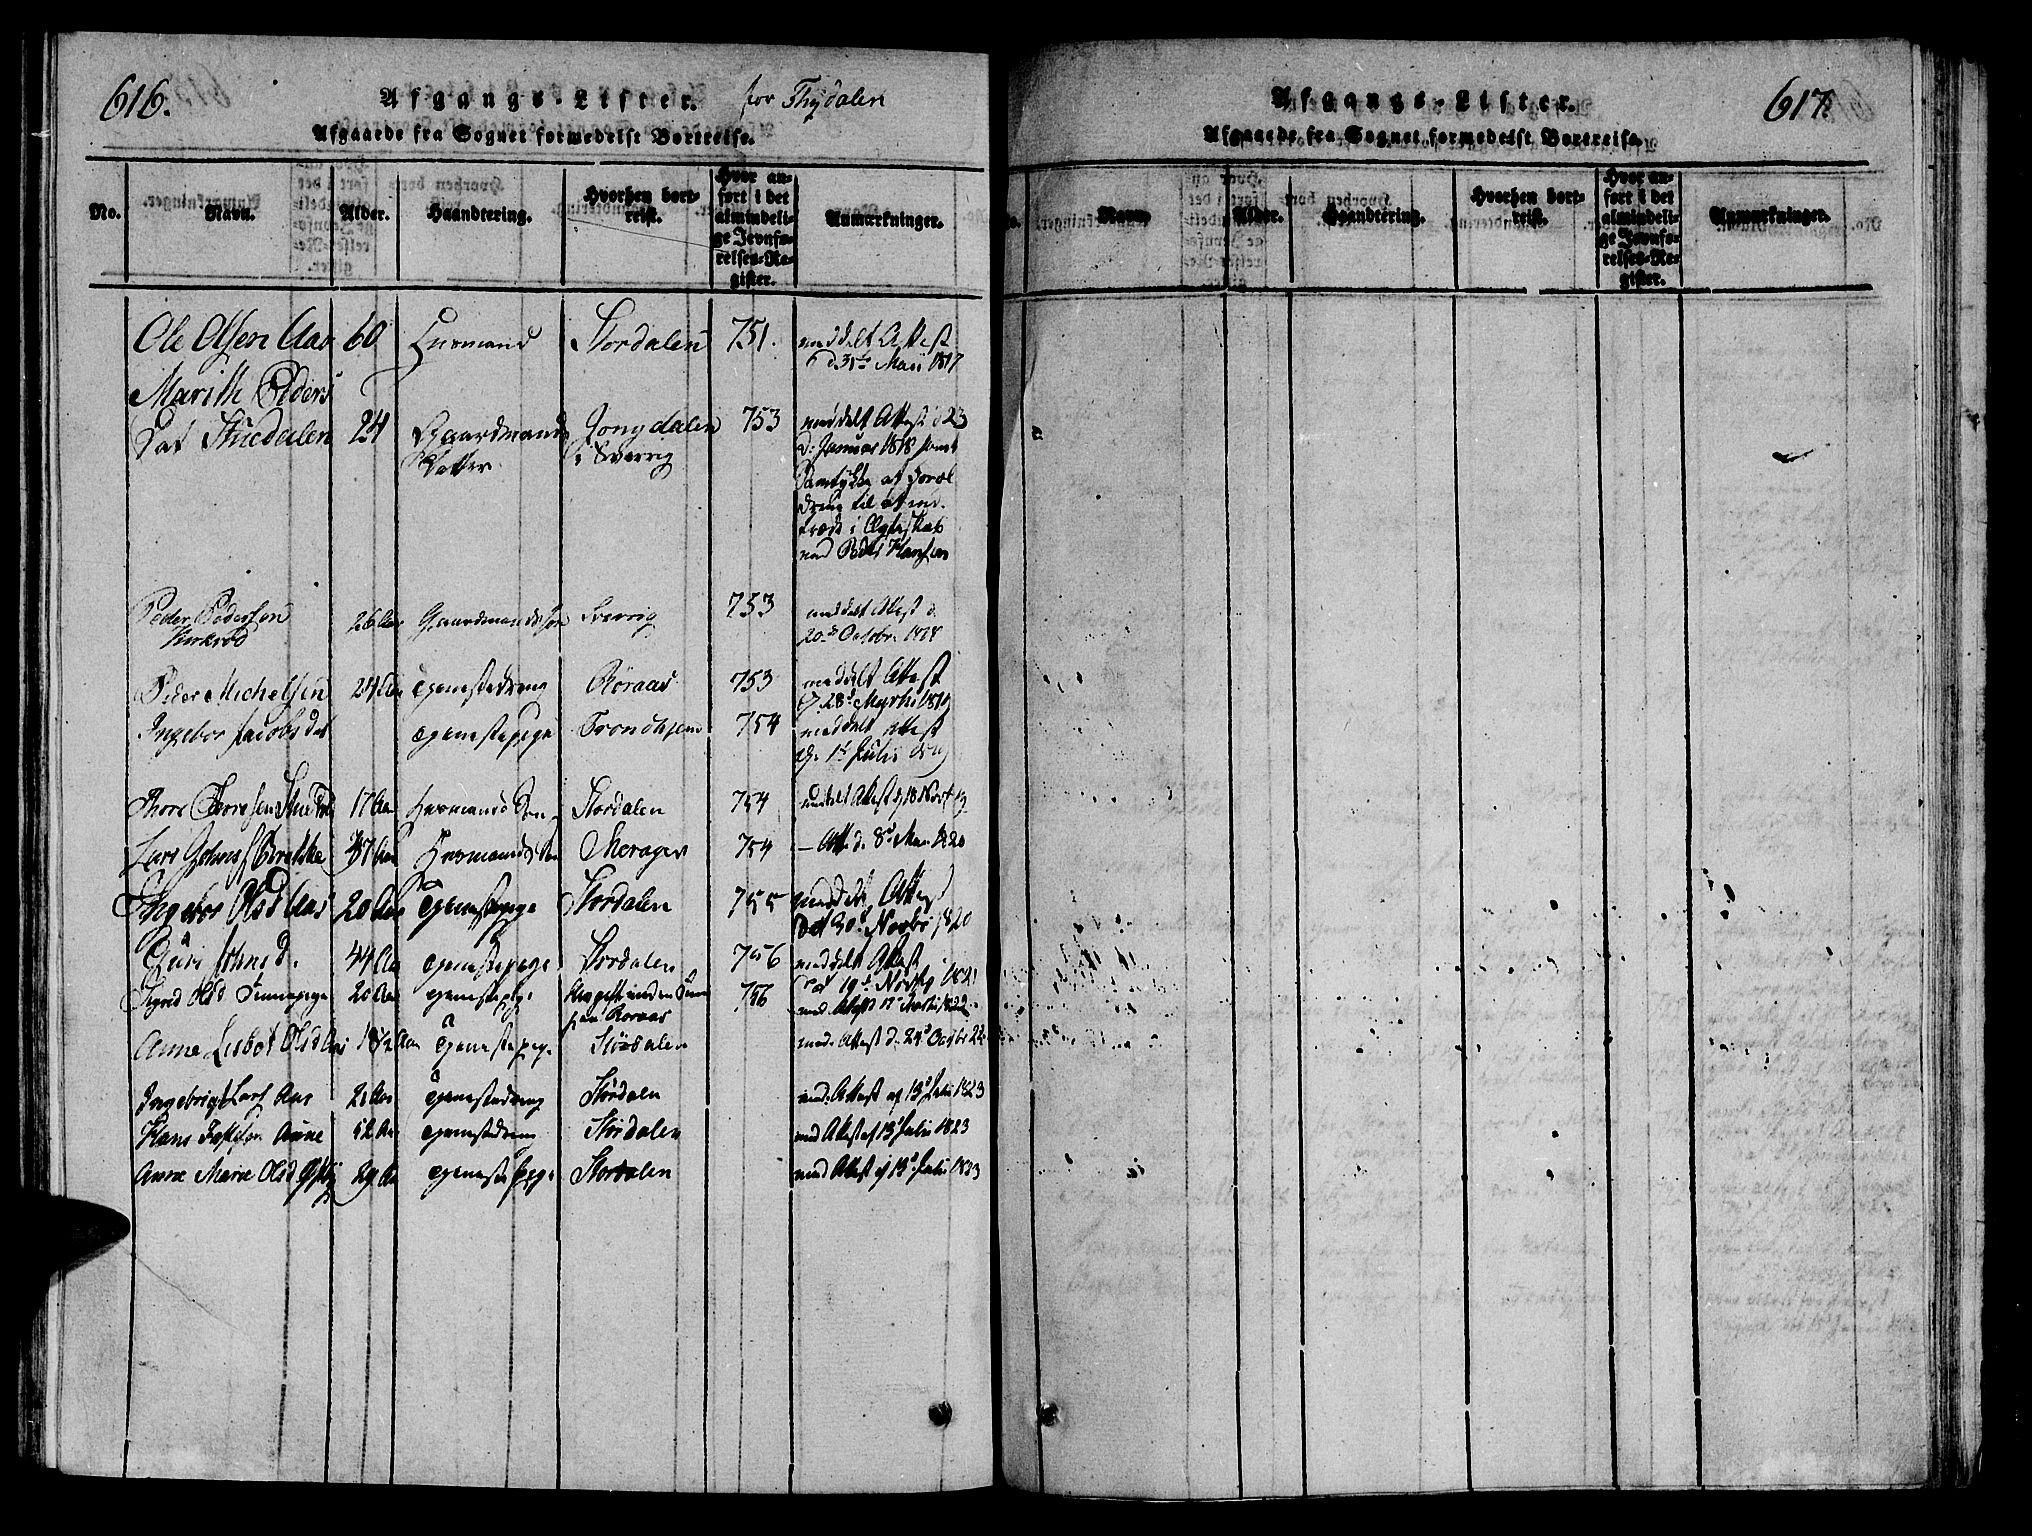 SAT, Ministerialprotokoller, klokkerbøker og fødselsregistre - Sør-Trøndelag, 695/L1142: Ministerialbok nr. 695A04 /2, 1816-1824, s. 616-617